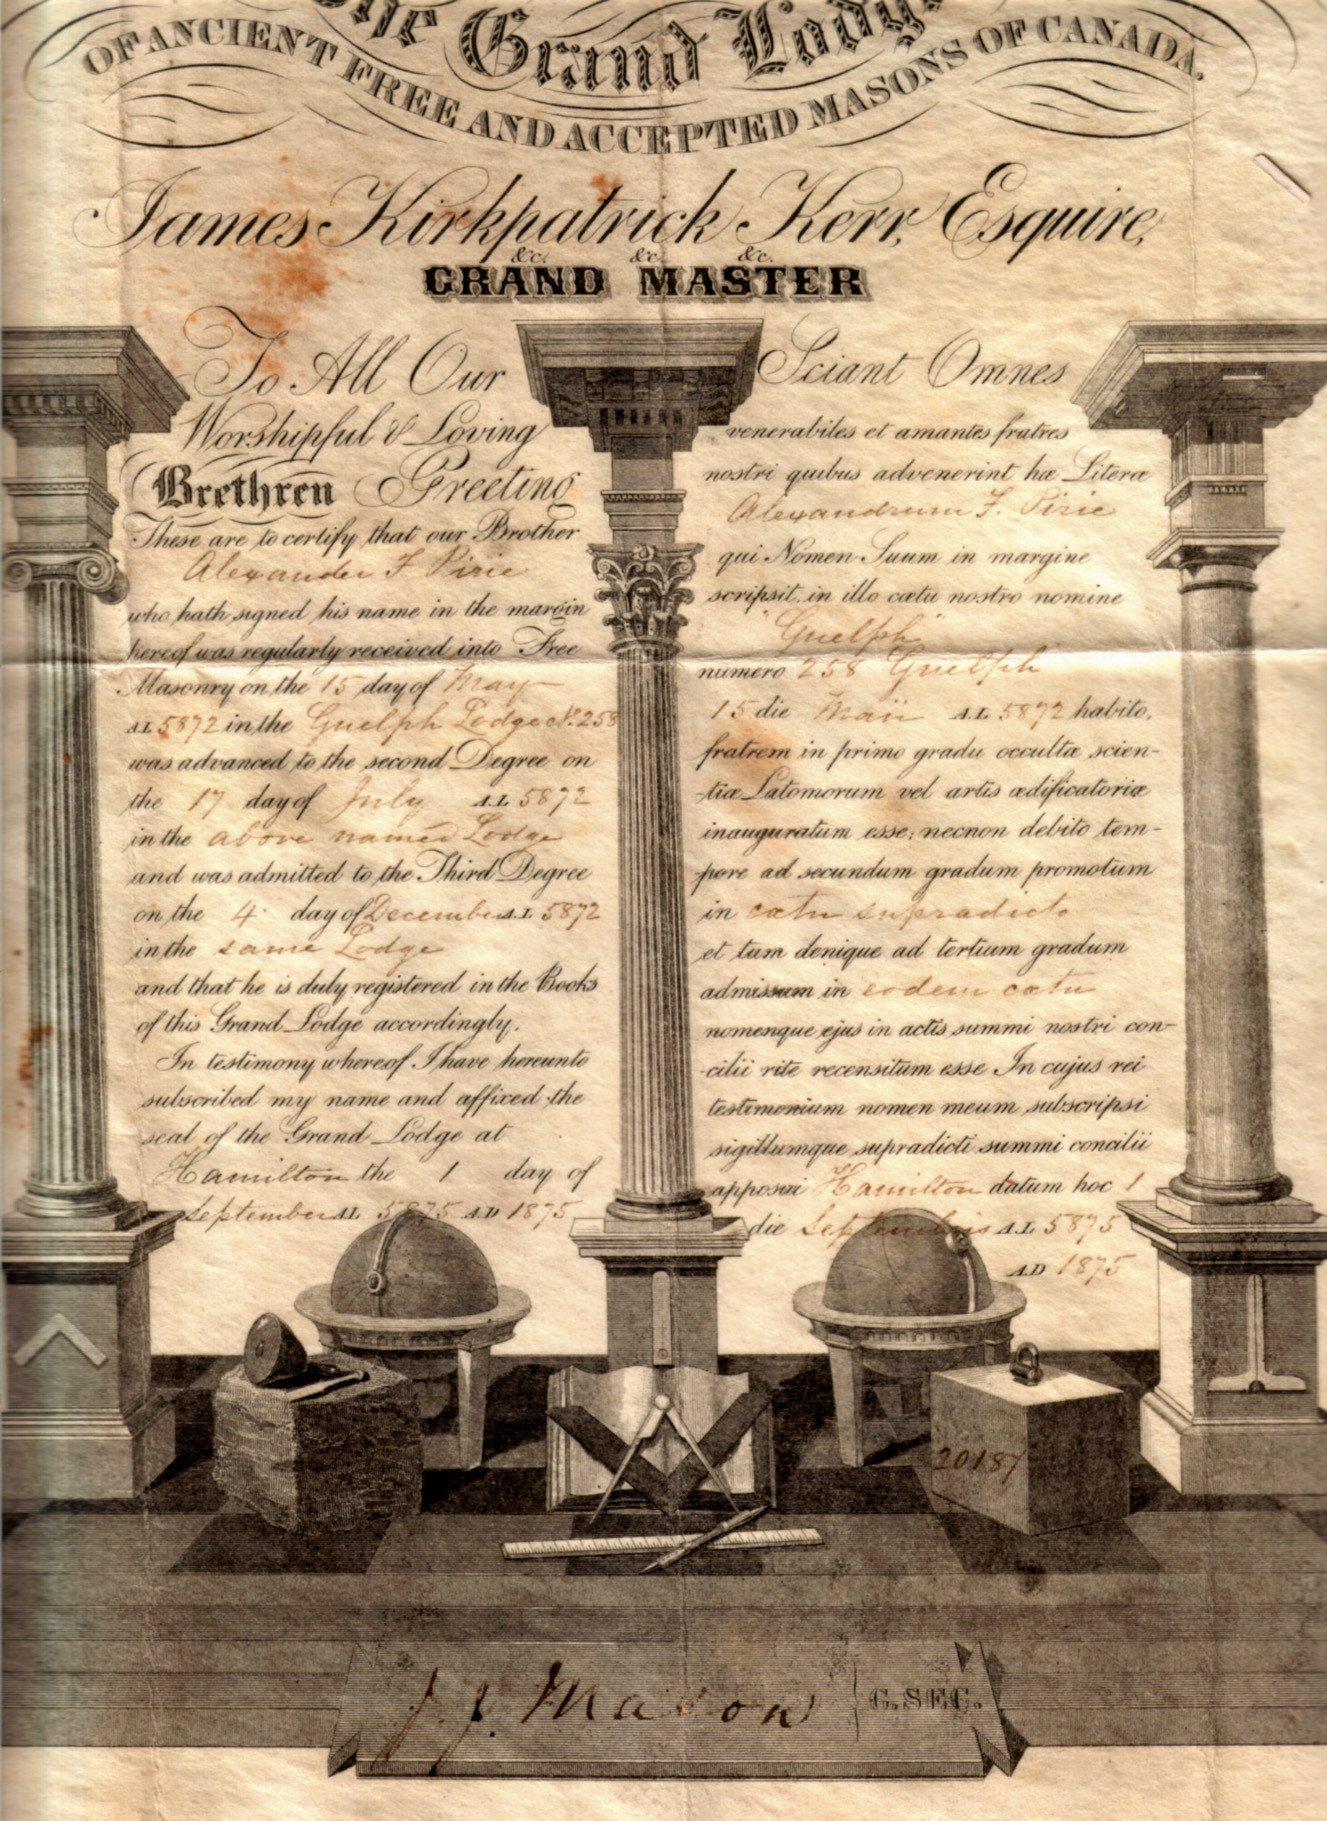 Masonic Certificate Template Free File Pirie A F 1875 Masonic Certificate